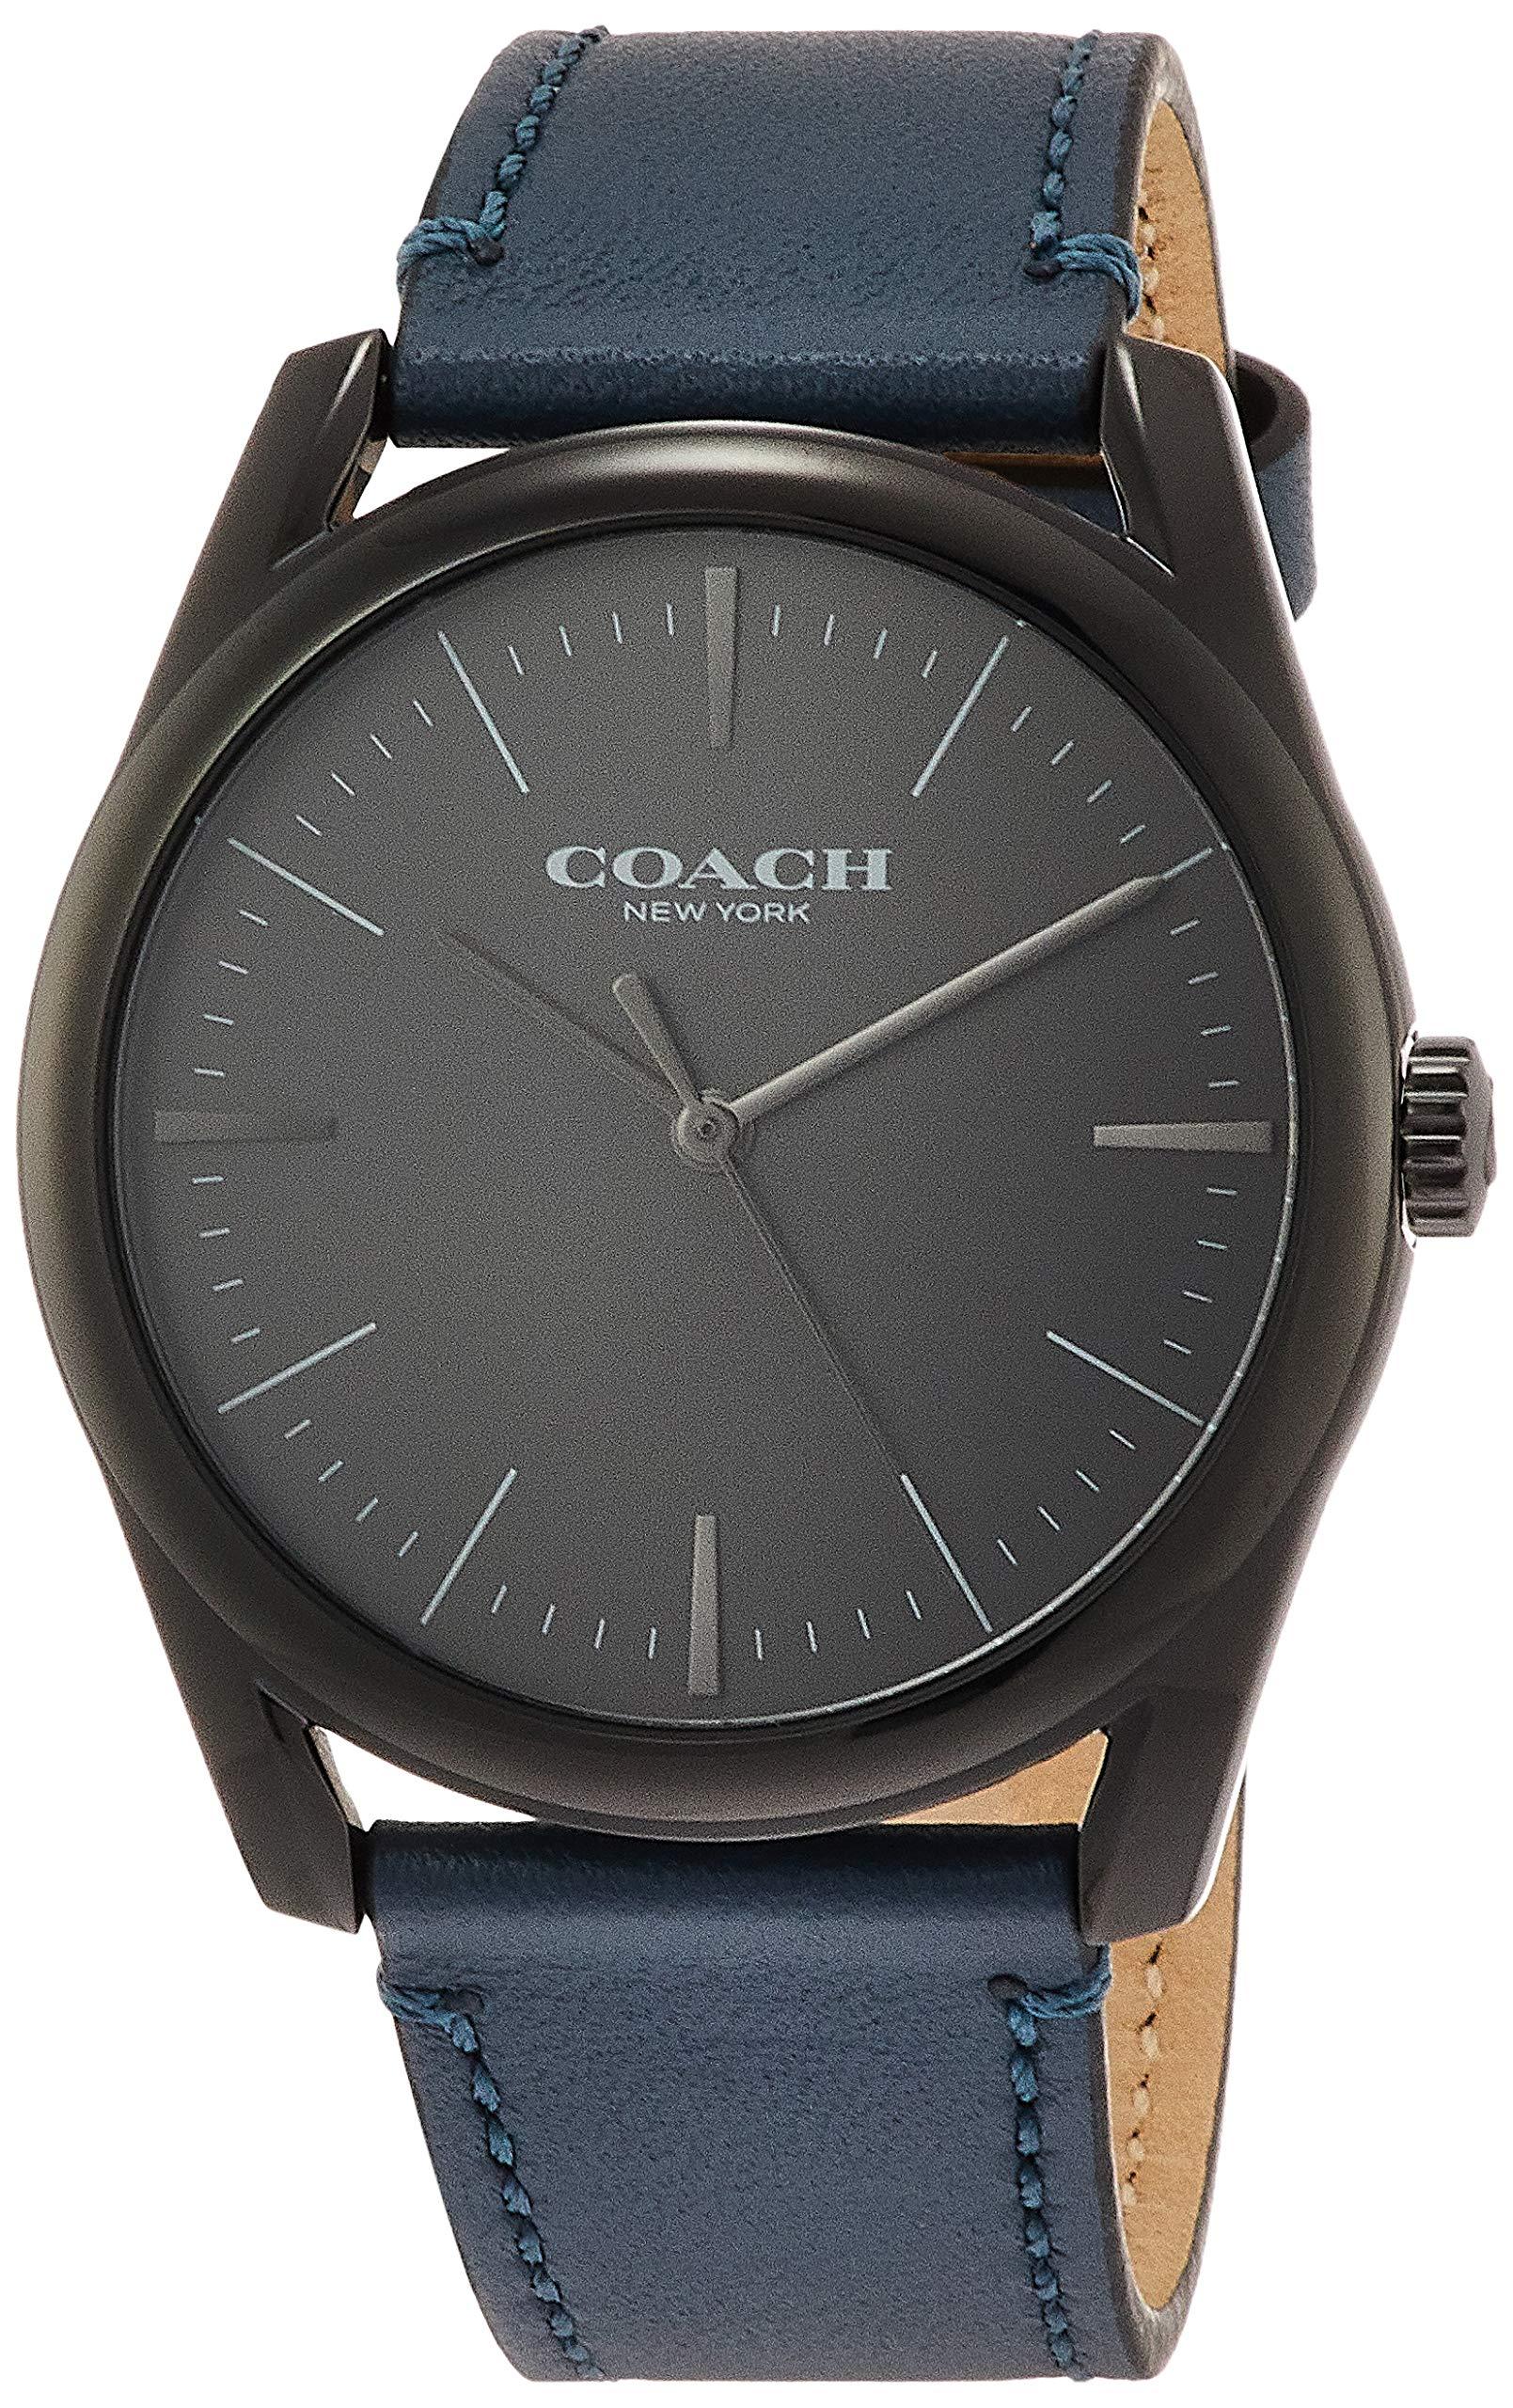 [コーチ]COACH 腕時計 モダンラグジュアリー 14602399 メンズ 【並行輸入品】